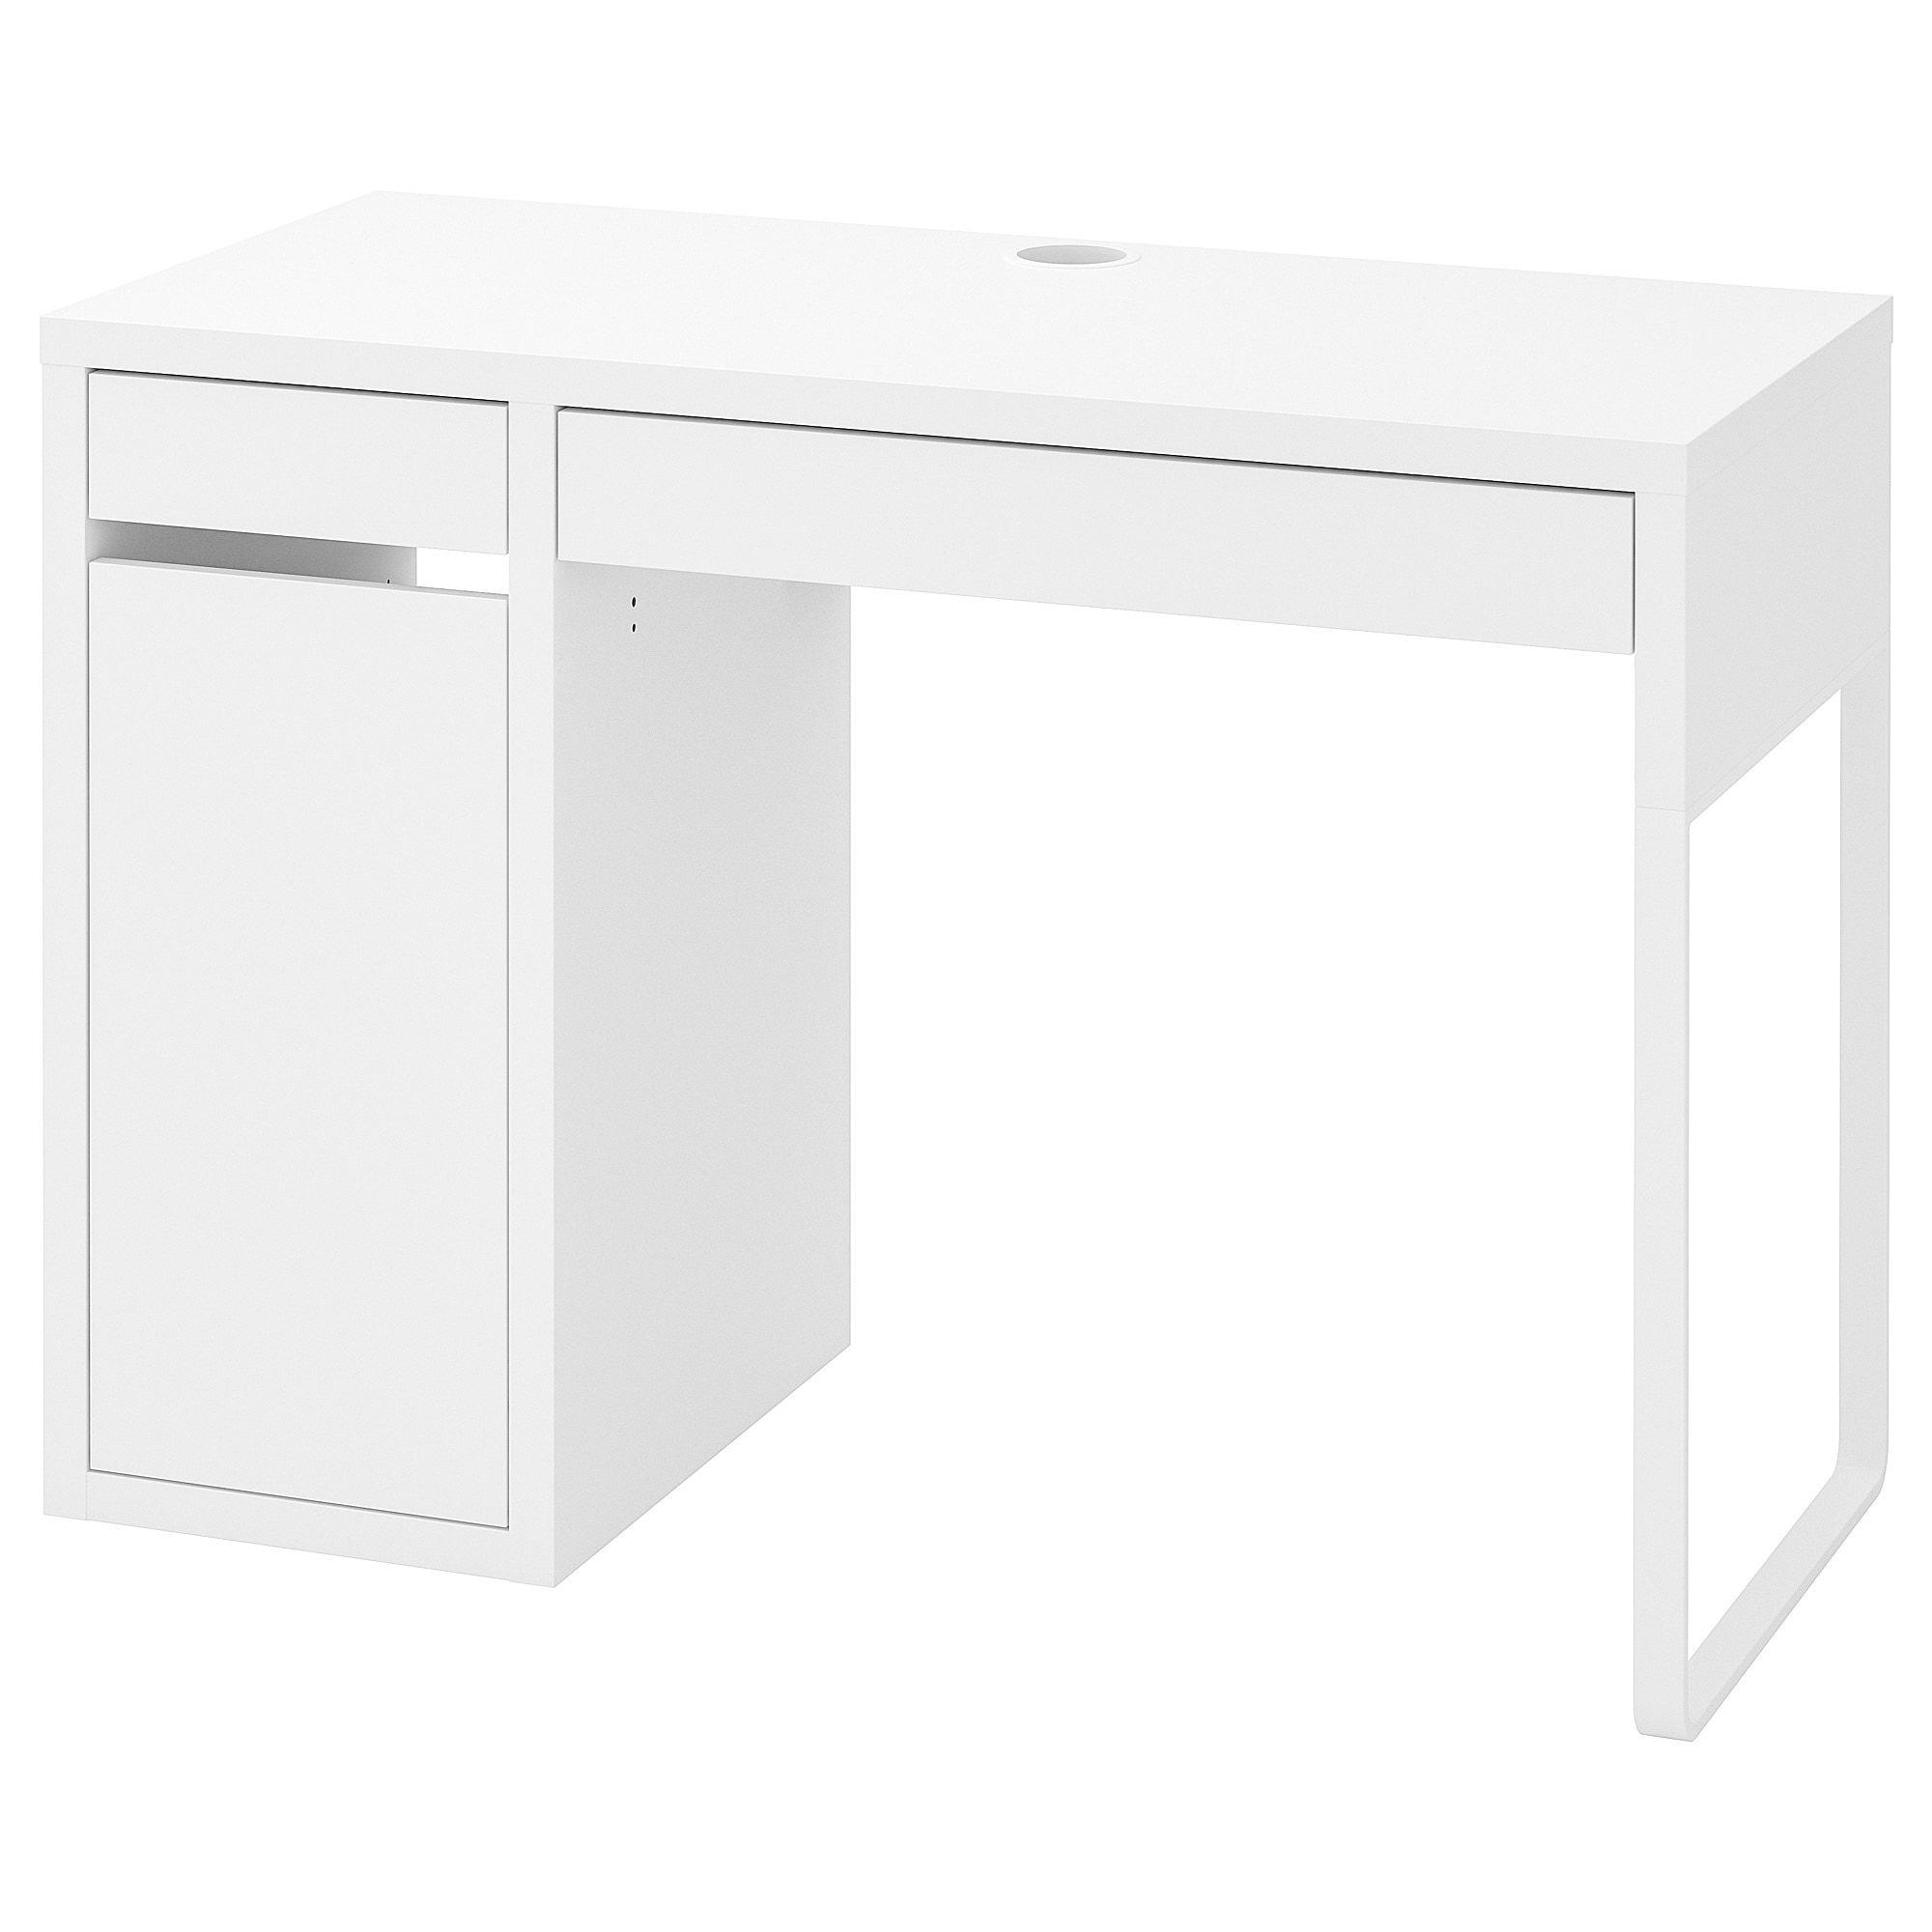 Micke Desk White 41 3 8x19 5 8 White Desks Micke Desk Ikea Micke